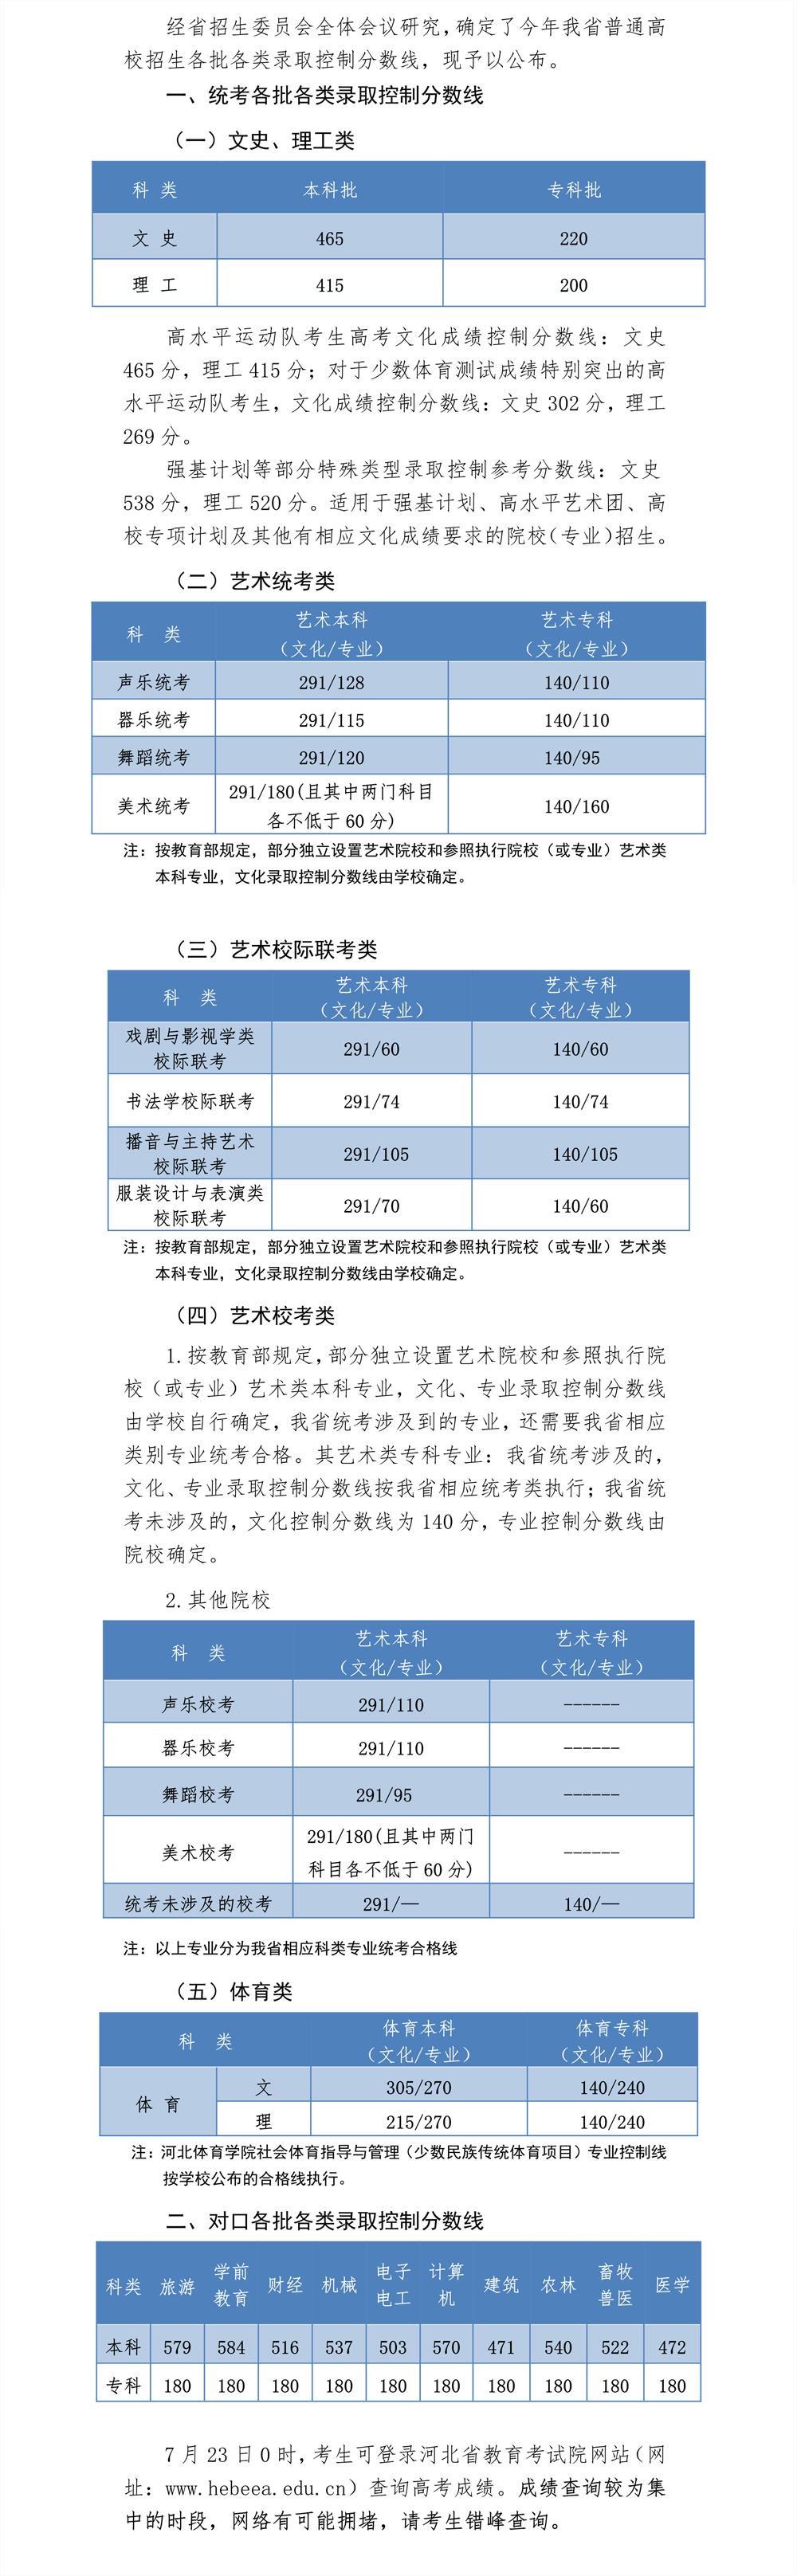 /baodingjingji/100463.html